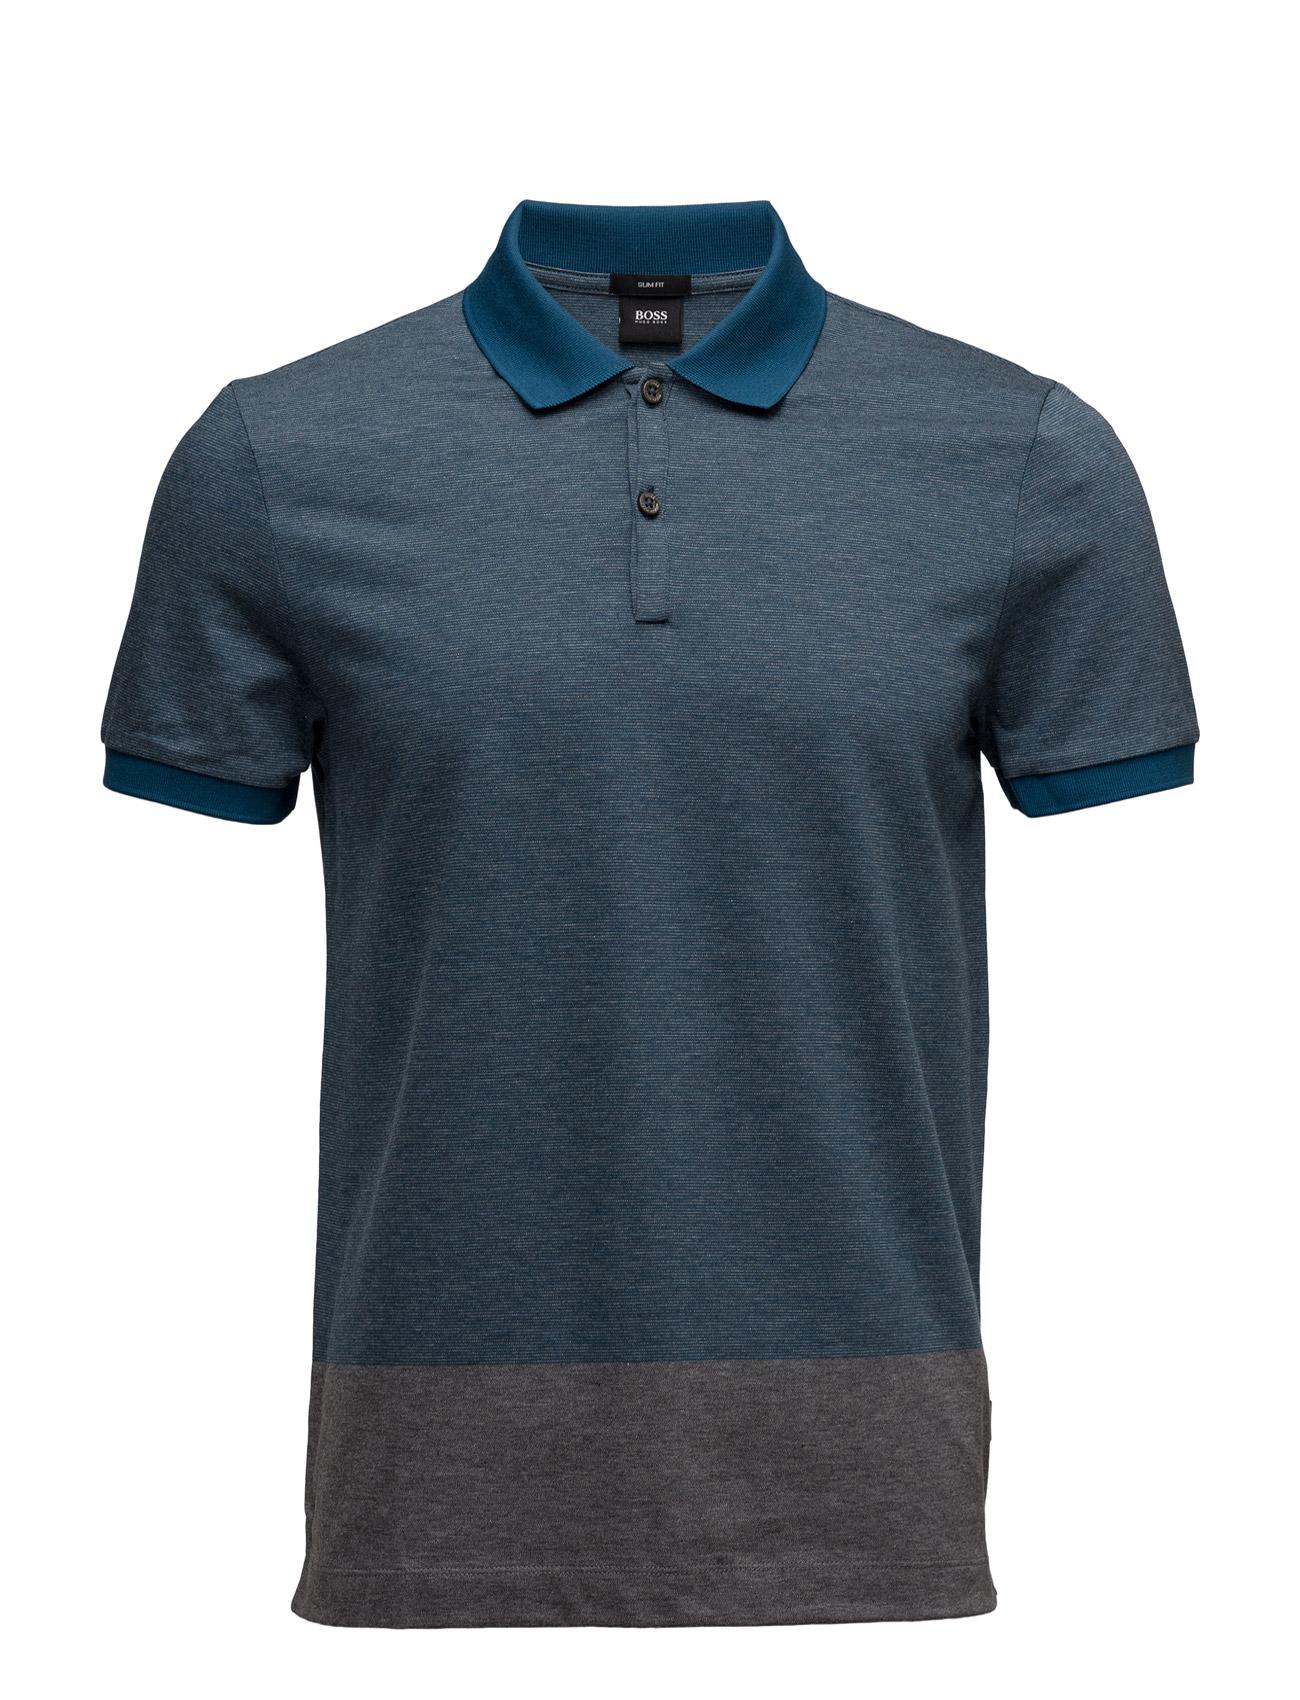 Phillipson 08 BOSS Kortærmede polo t-shirts til Mænd i turkis